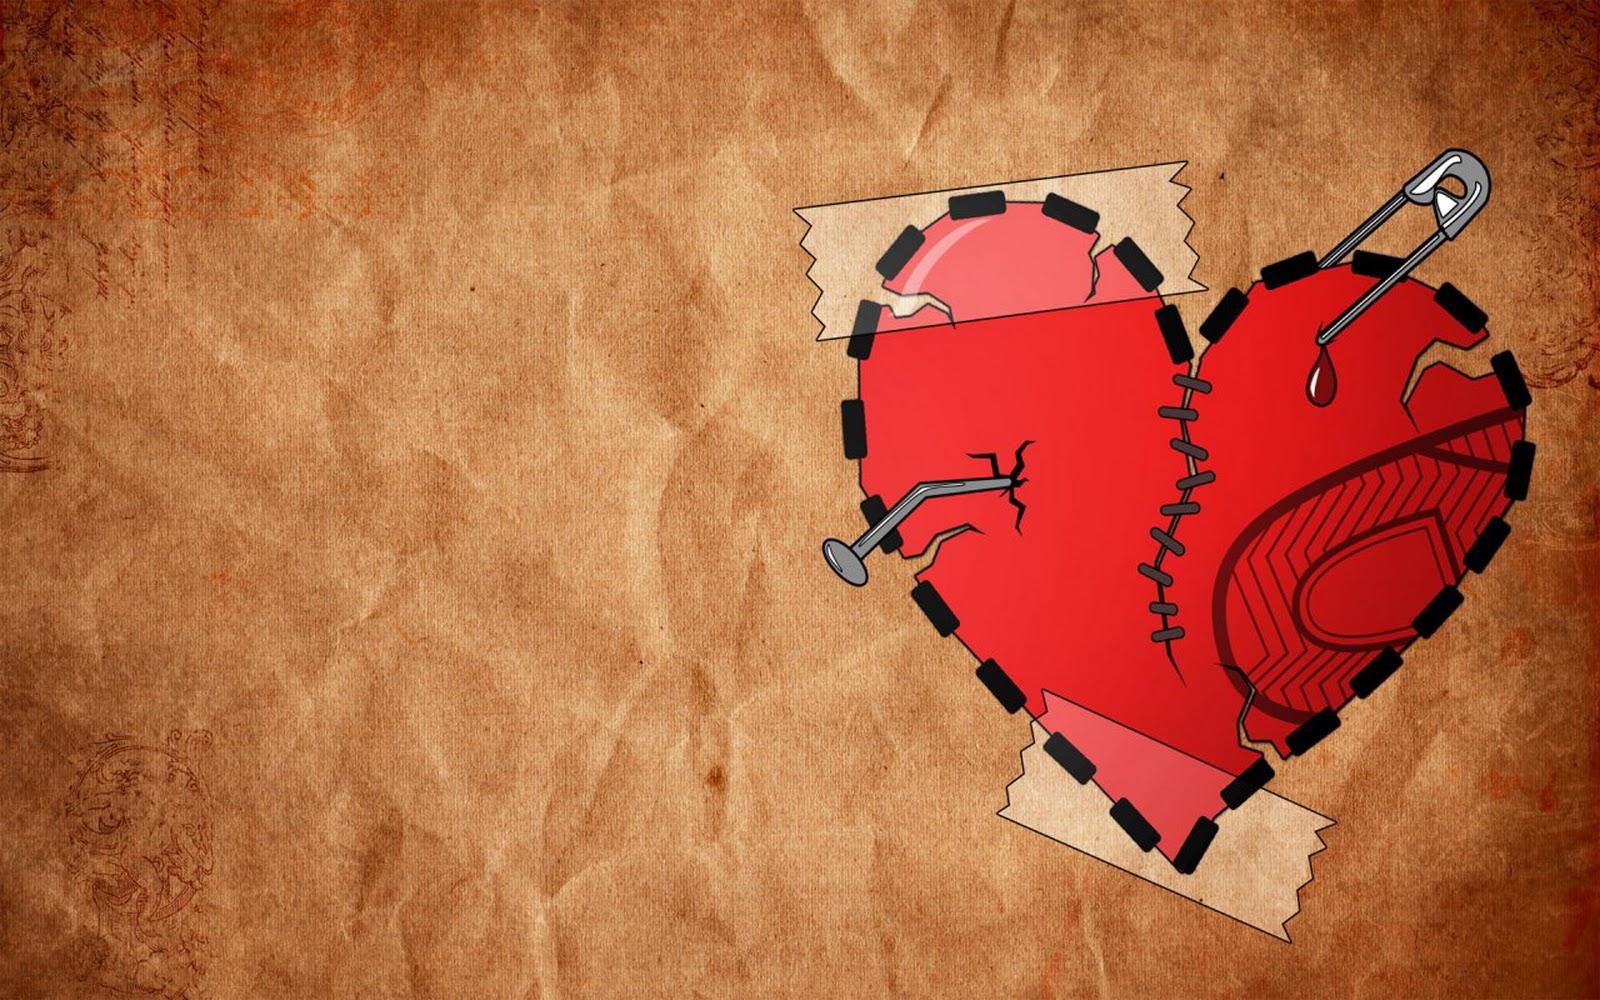 http://3.bp.blogspot.com/-ot-QAyU67XM/TZwGTgkiEsI/AAAAAAAAA-0/I3A6NhmfBE4/s1600/Broken+Heart+Wallpaper.jpg